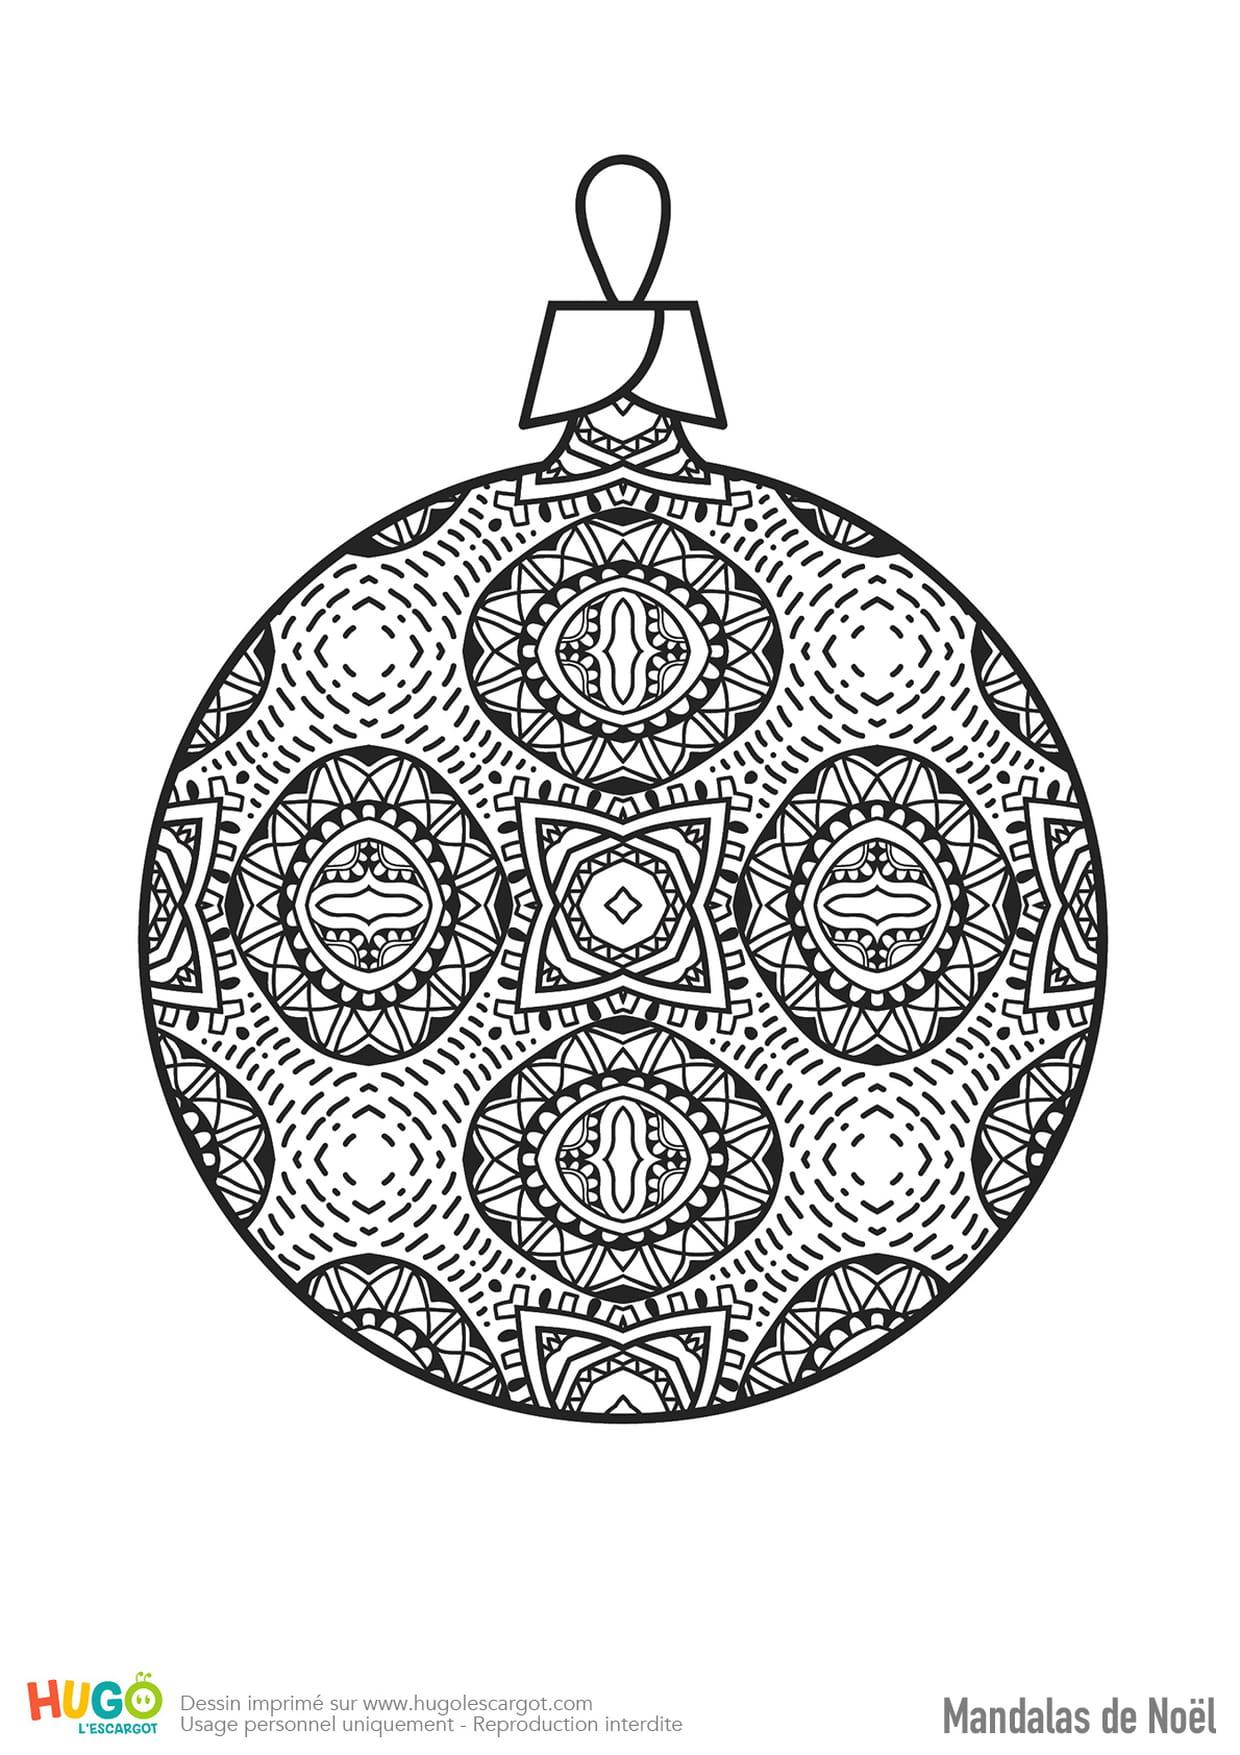 Mandala Boule De Noël avec Dessin Symétrique A Imprimer